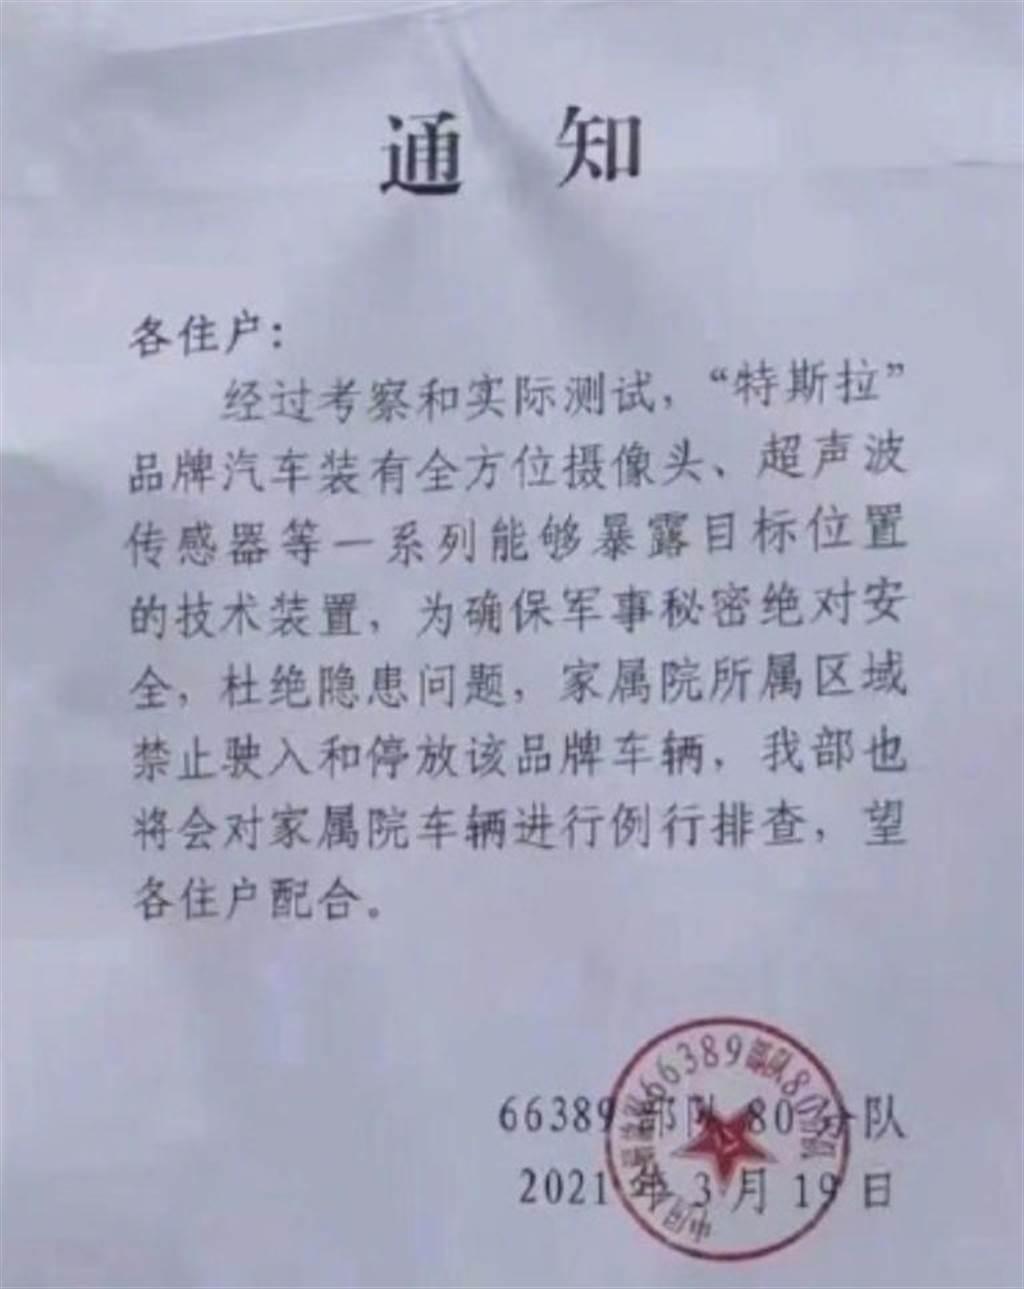 多鏡頭的特斯拉被禁入中國軍區,馬斯克澄清:數據絕不會用於間諜活動